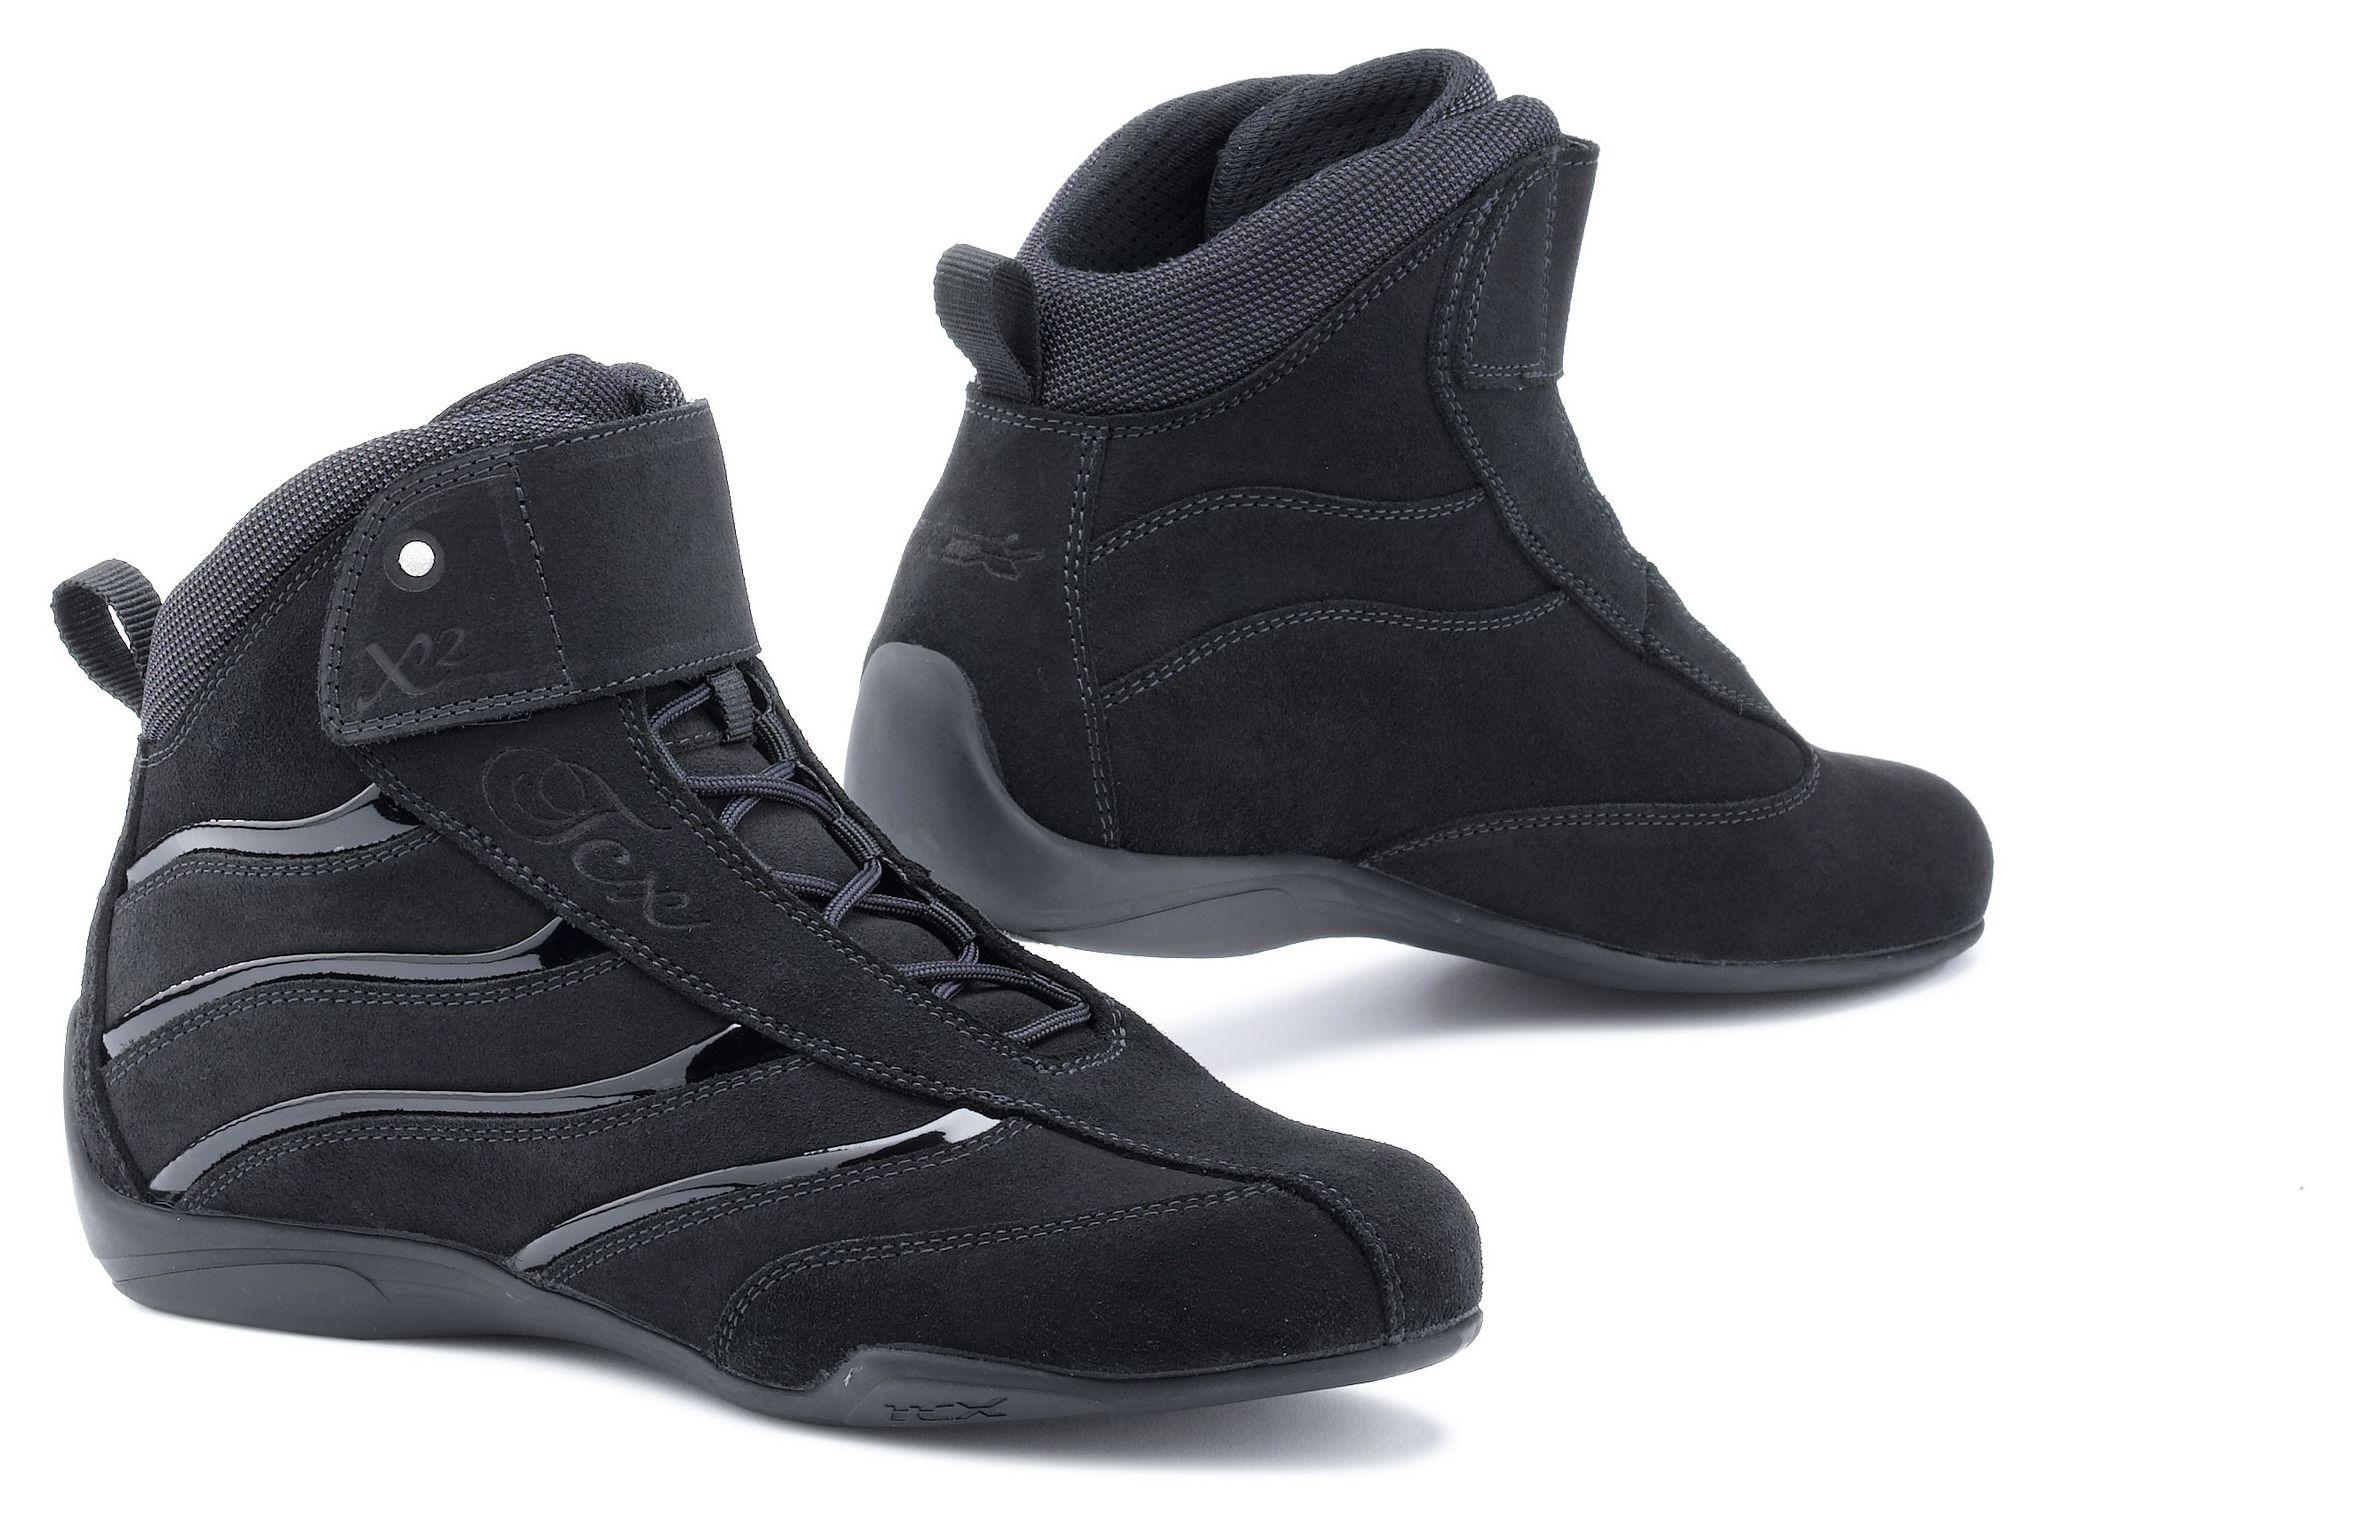 TCX X-Square Women's Boots - RevZilla